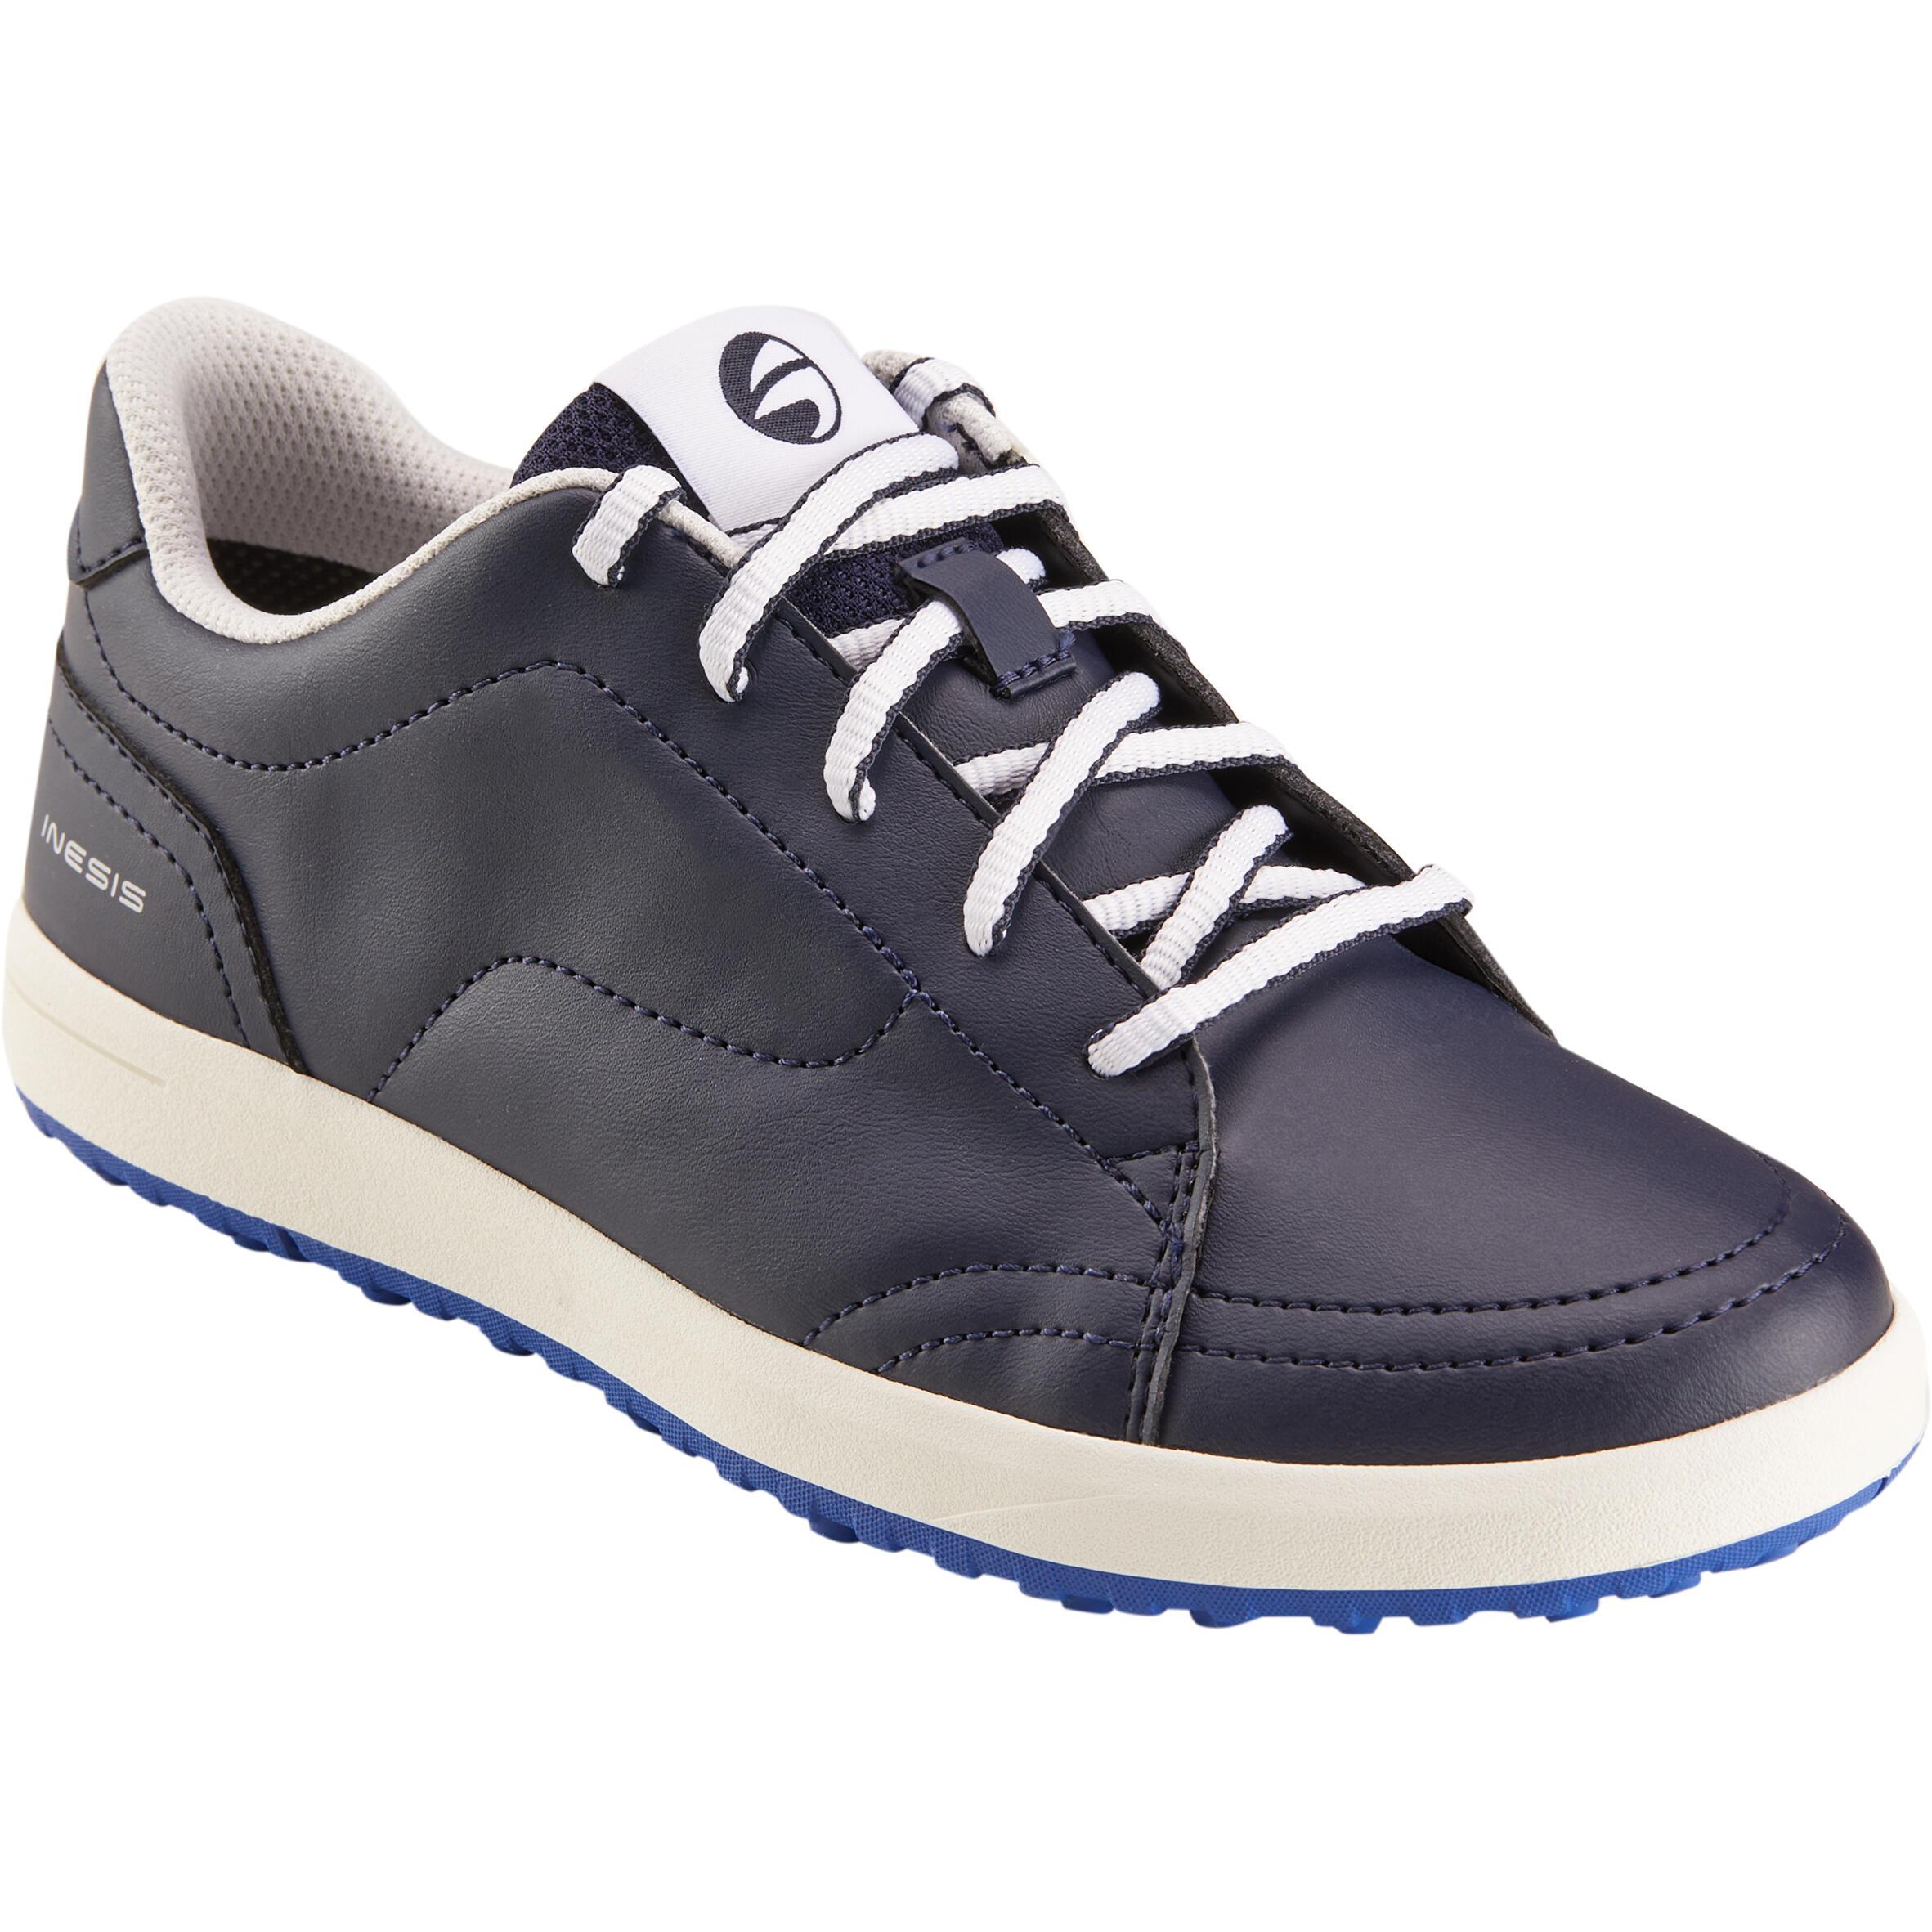 Inesis Chaussures golf enfant bleu marine - Inesis